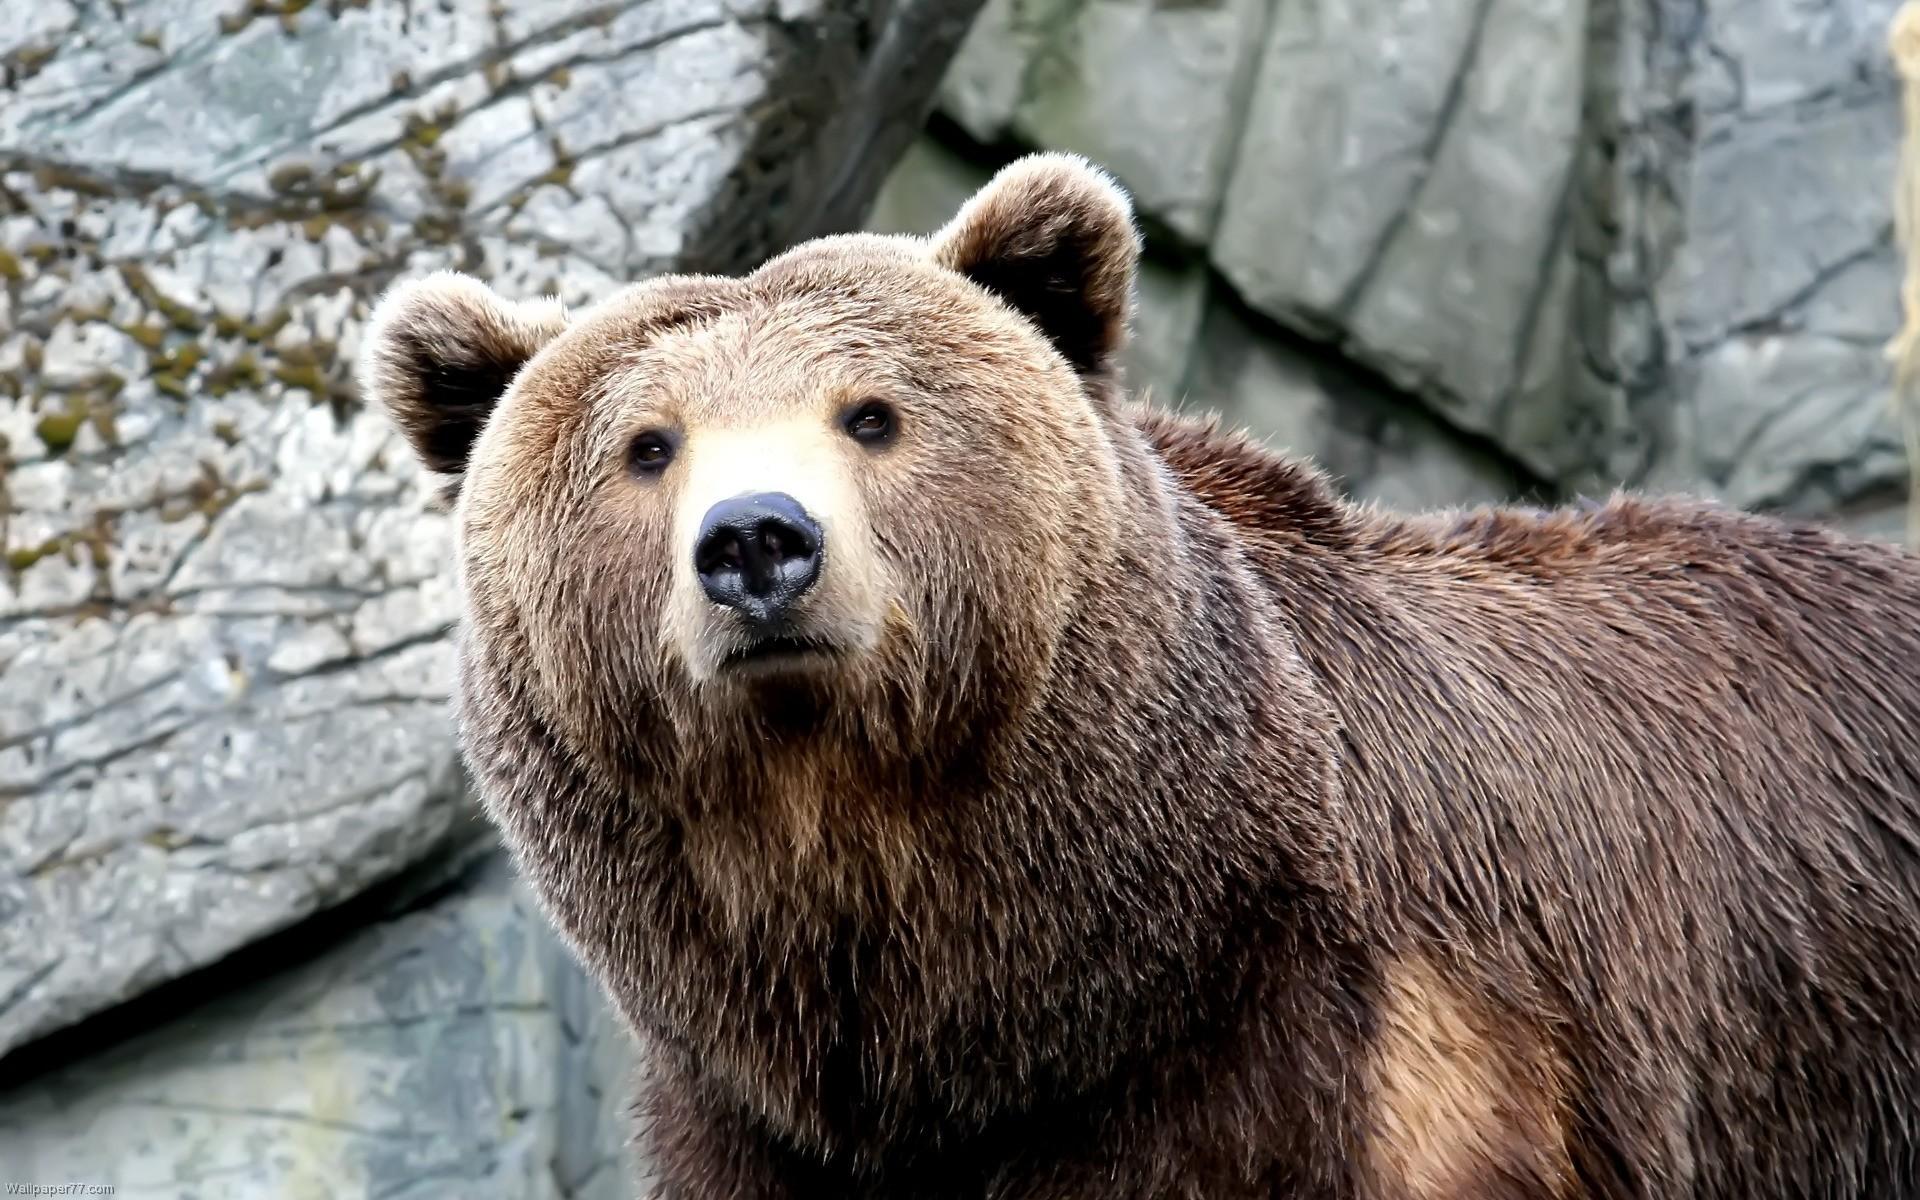 Filename: Wet-Brown-Bear-bear-1920×1200.jpg